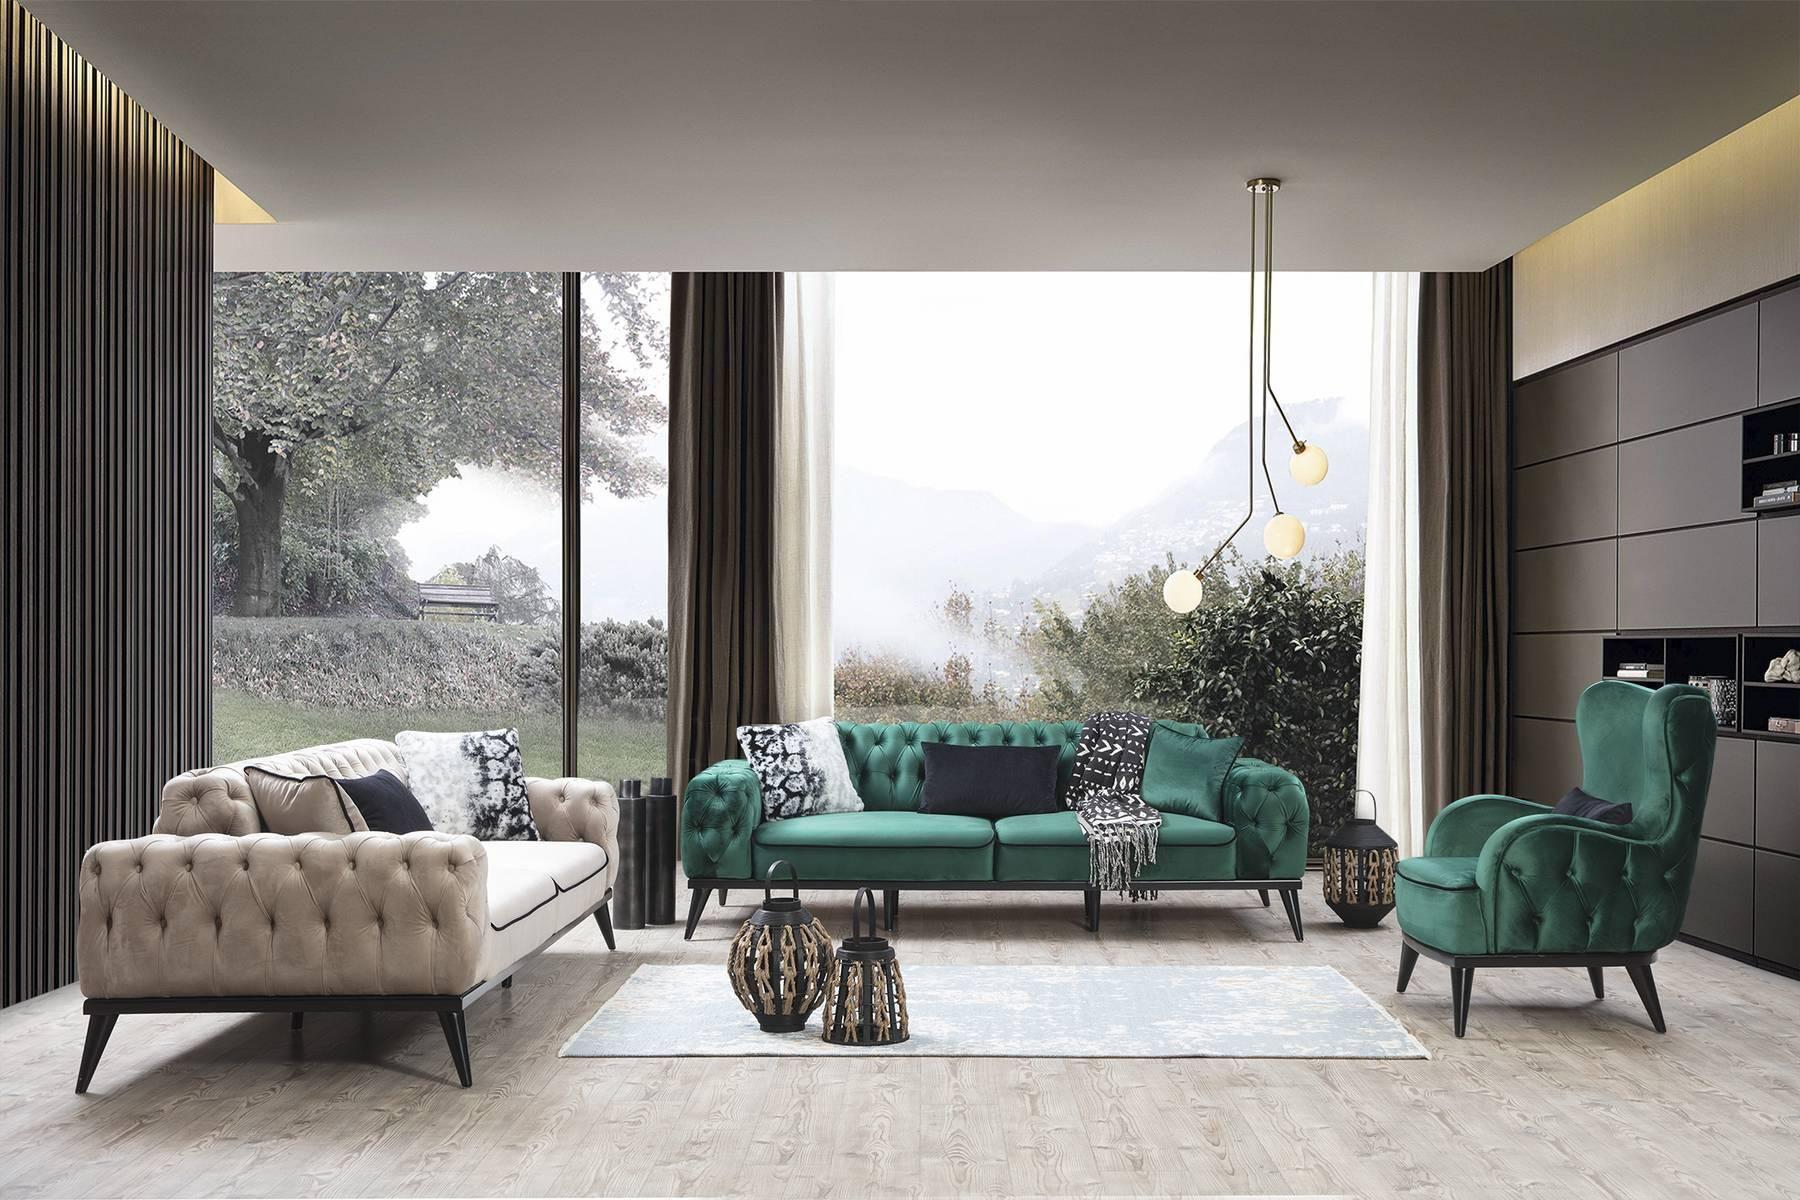 Koltuk Takimlari Furniture Furniture Design Living Room Home Decor